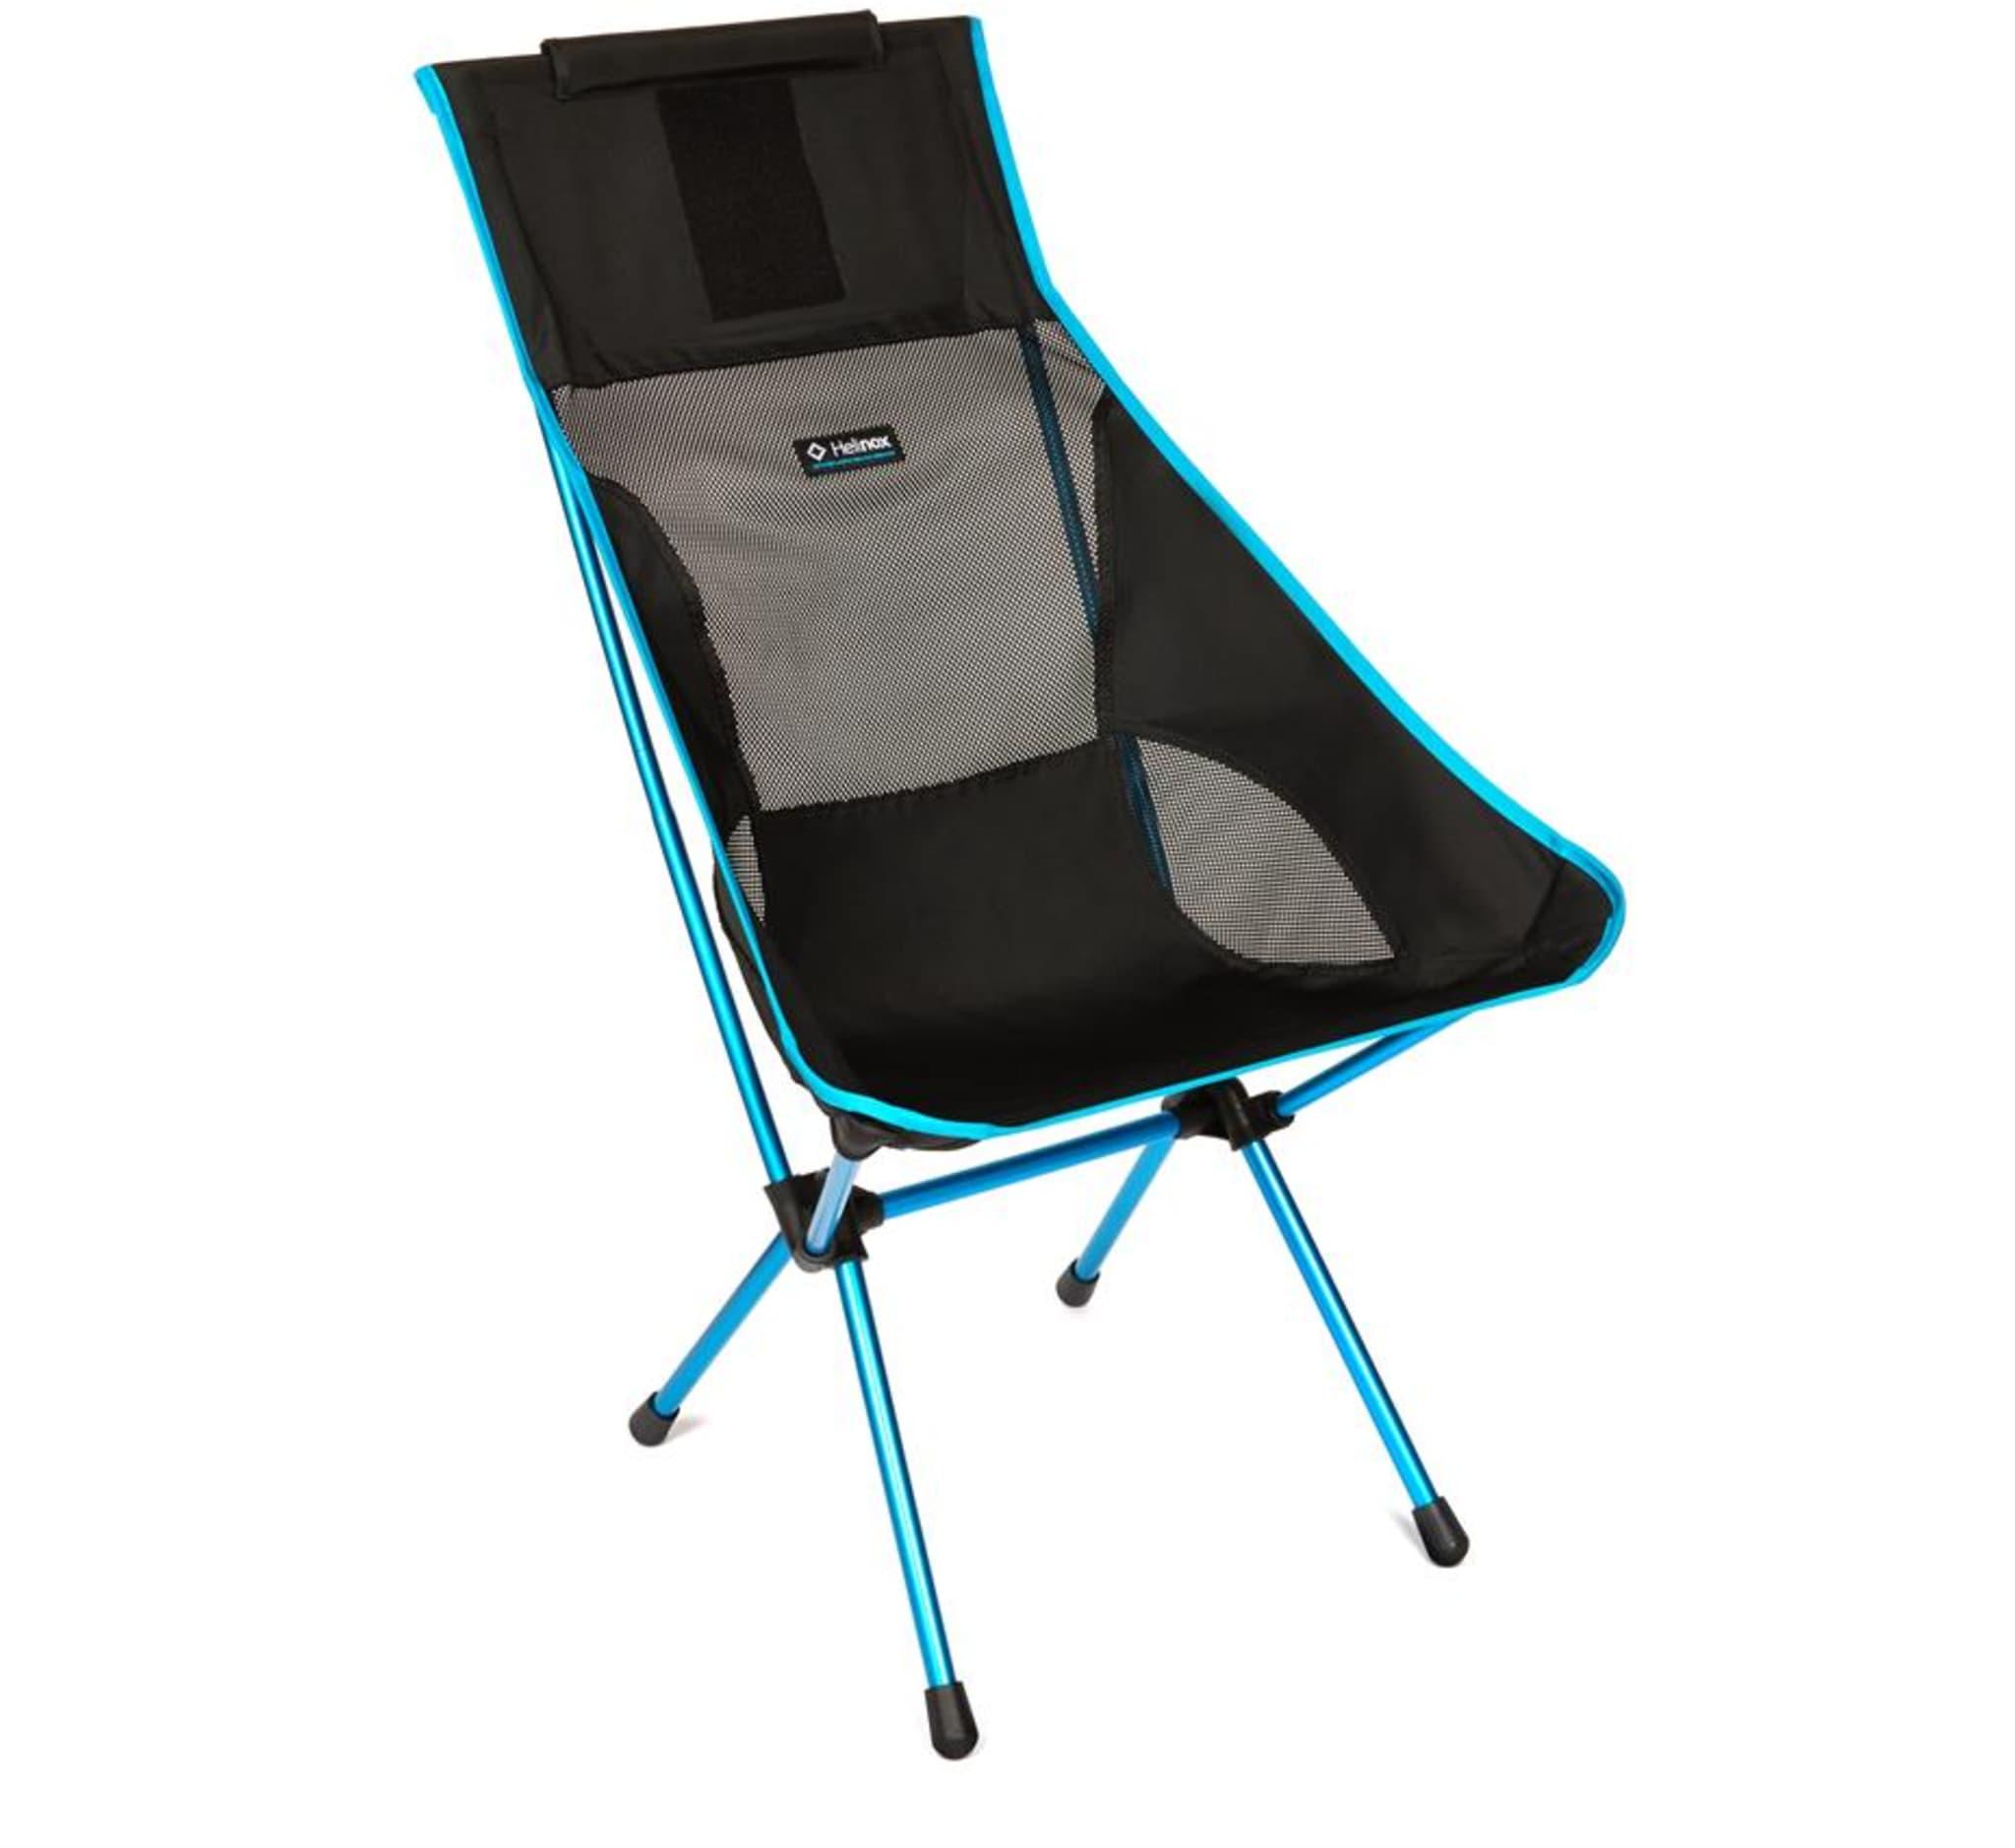 Høy og ekstremt komfortabel stol